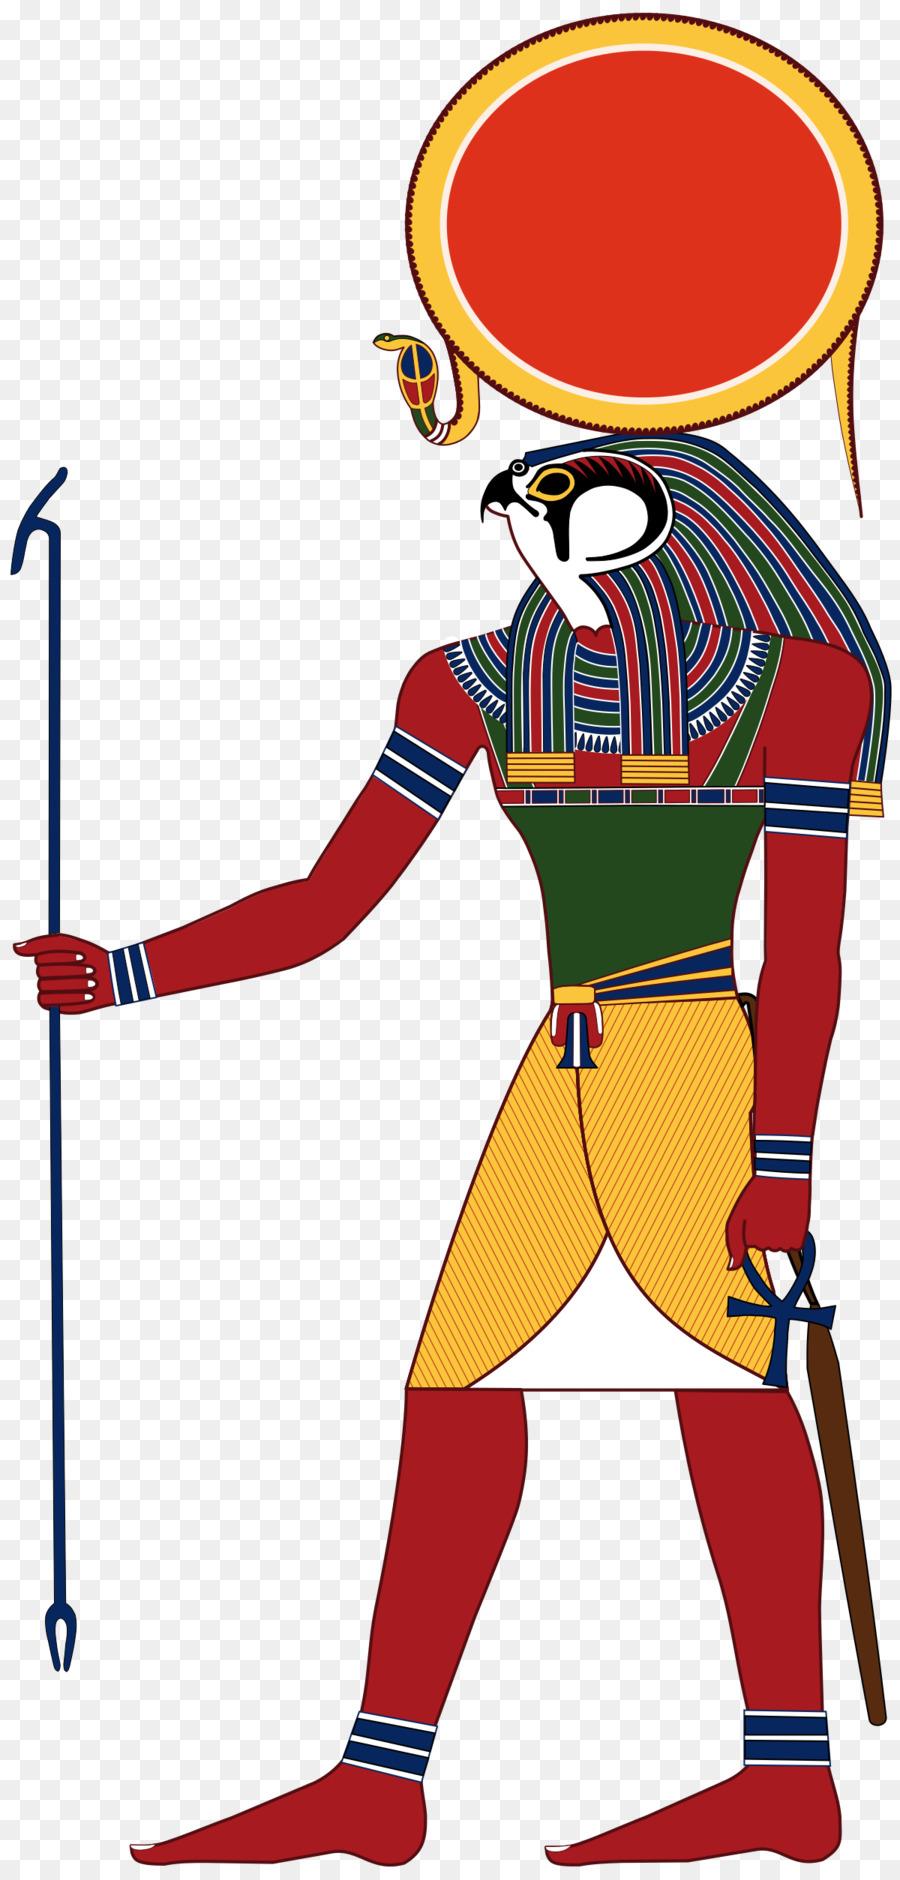 Ra ägypten